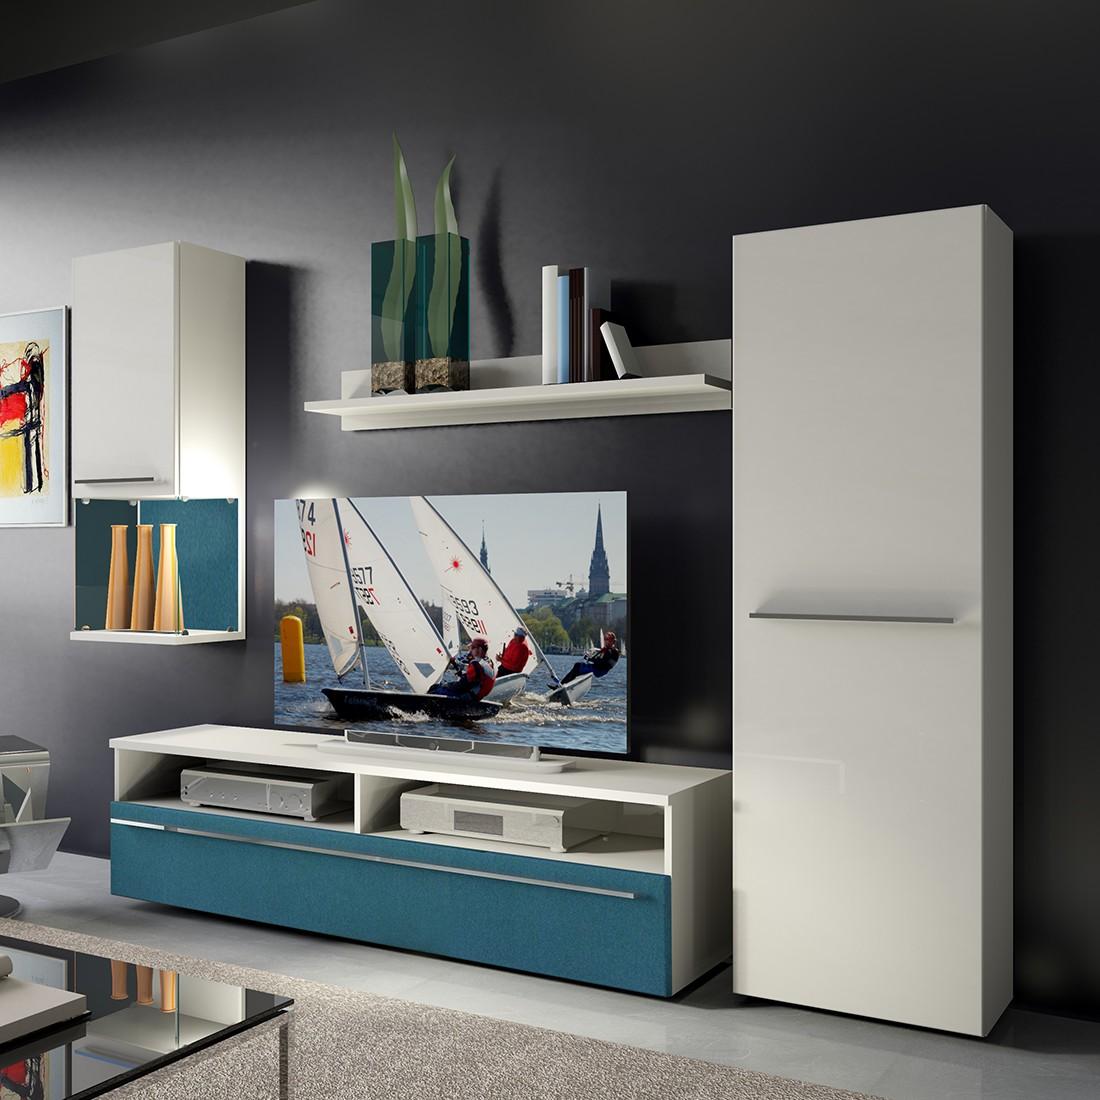 EEK A+, Wohnwand Compact II (4-teilig) – Weiß/Absetzung Petrol – Mit Beleuchtung, California jetzt kaufen